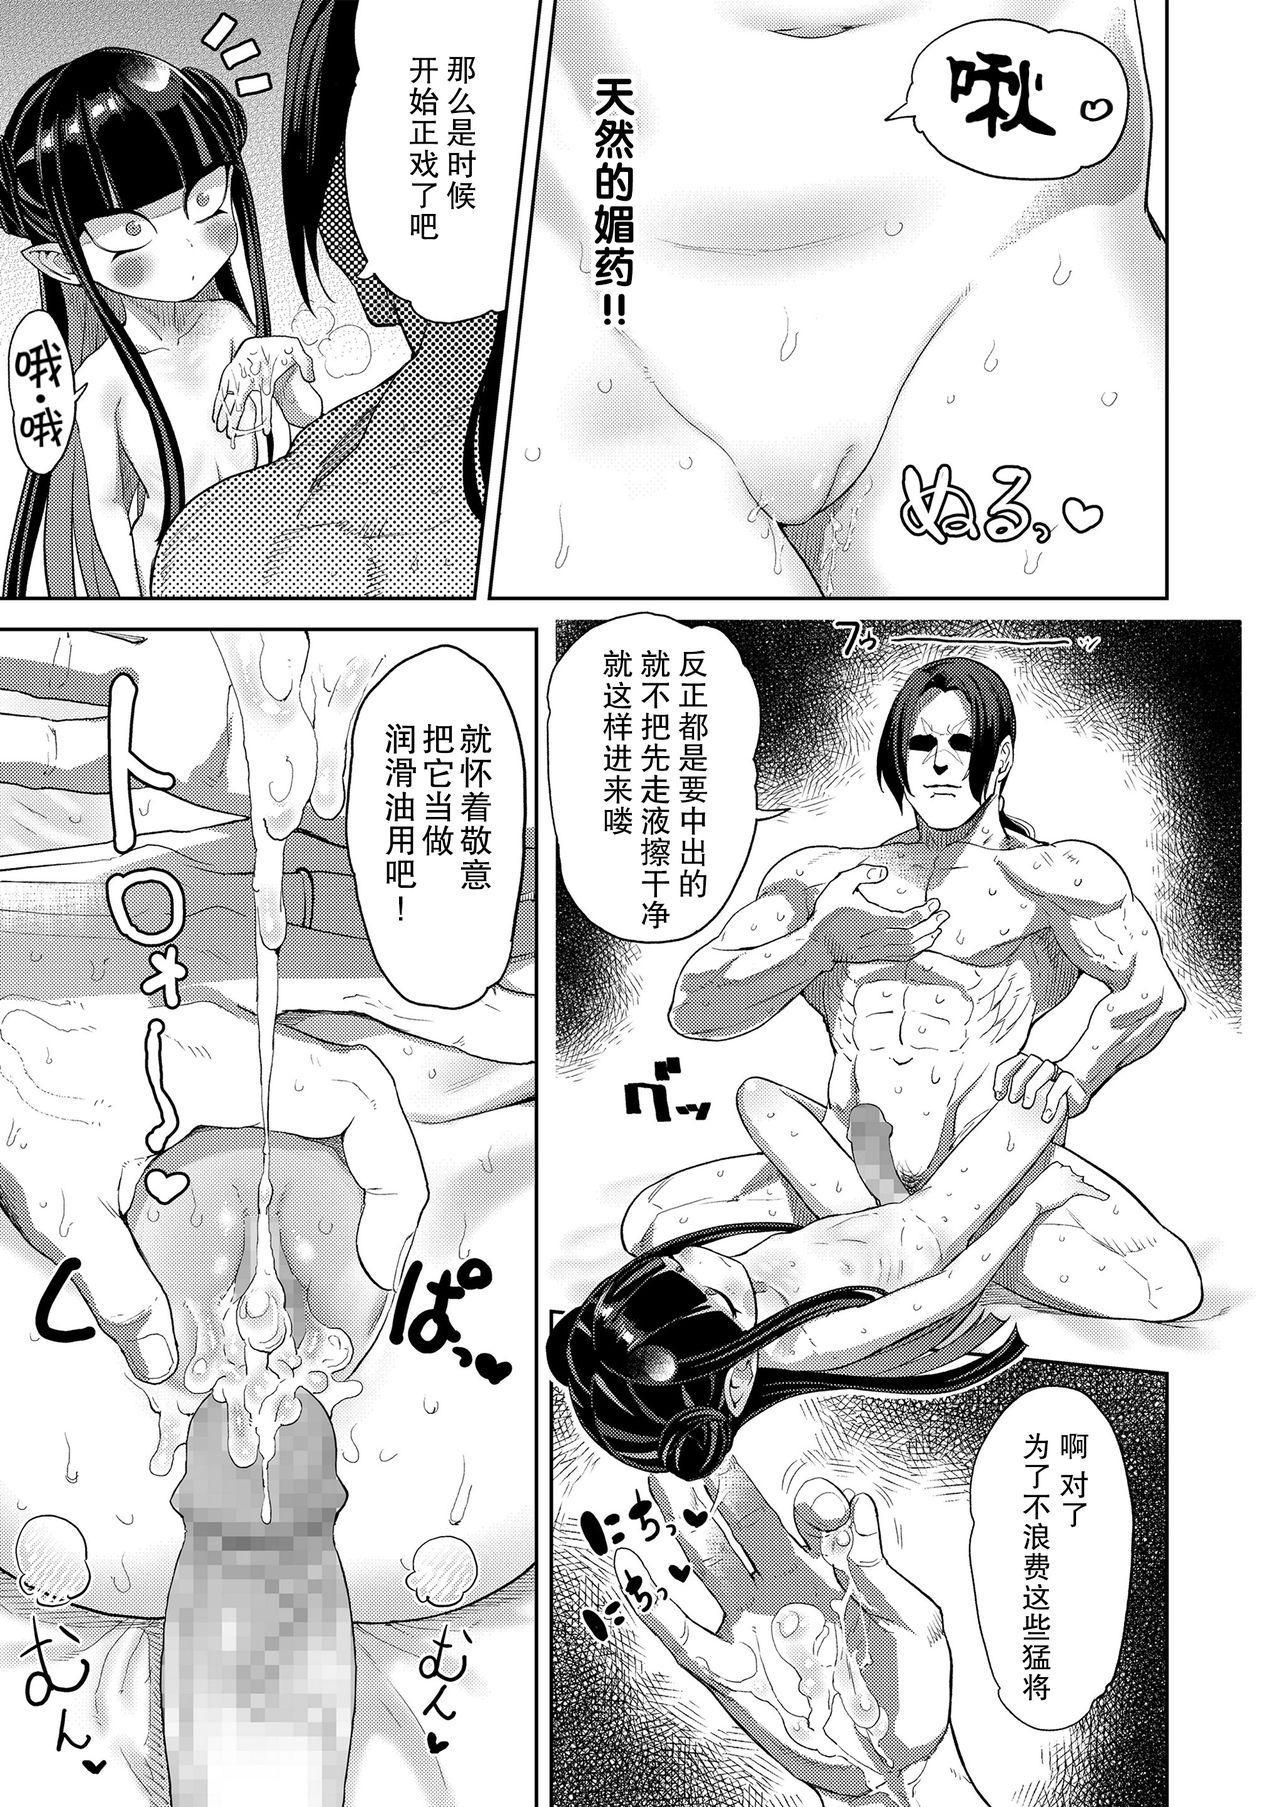 Towako Oboro Emaki Go 44